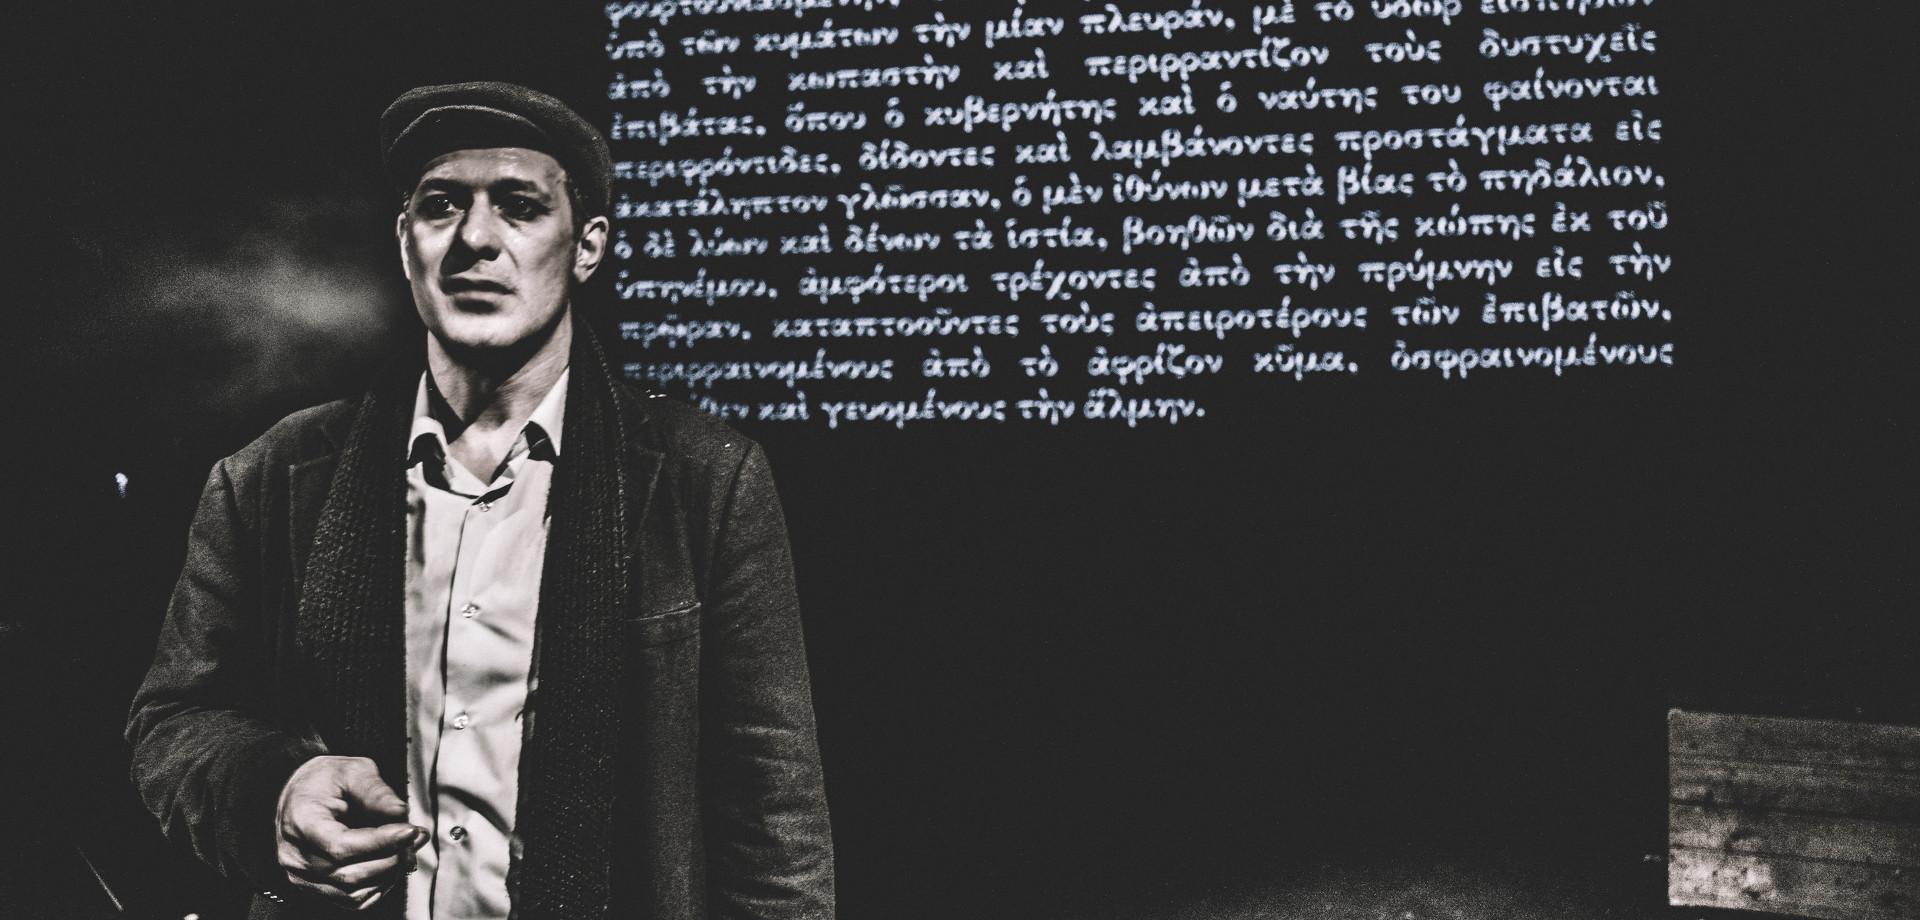 «Ο Αμερικάνος» στο Θέατρο Αυλαία